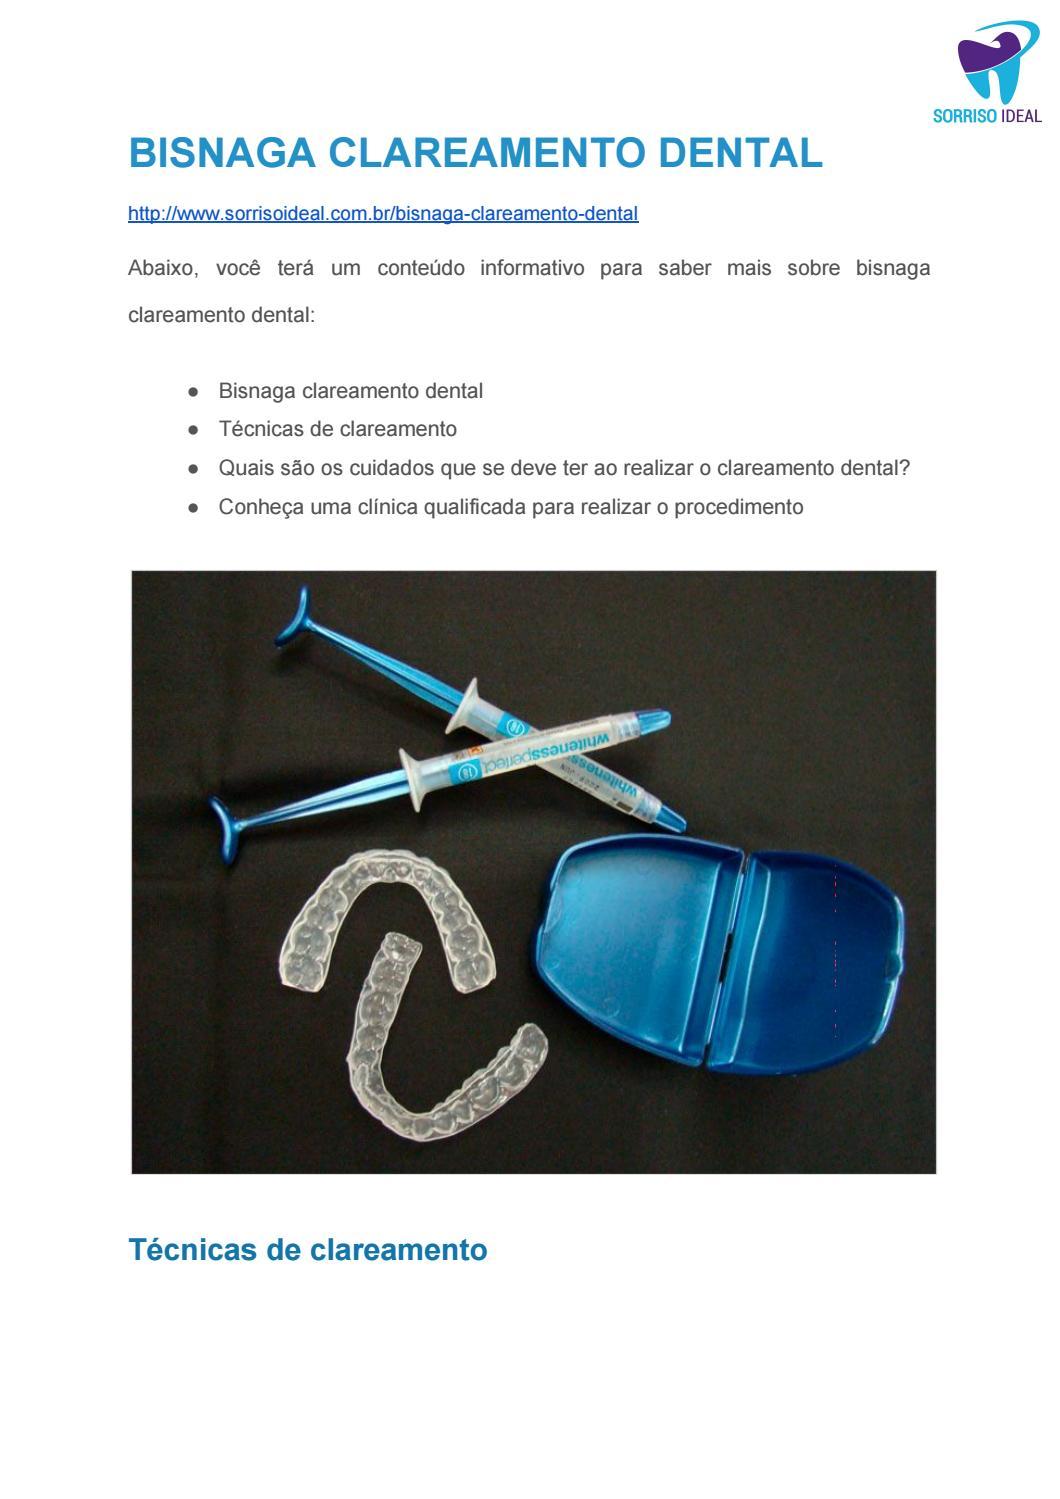 Bisnaga Clareamento Dental By Sorriso Ideal Issuu